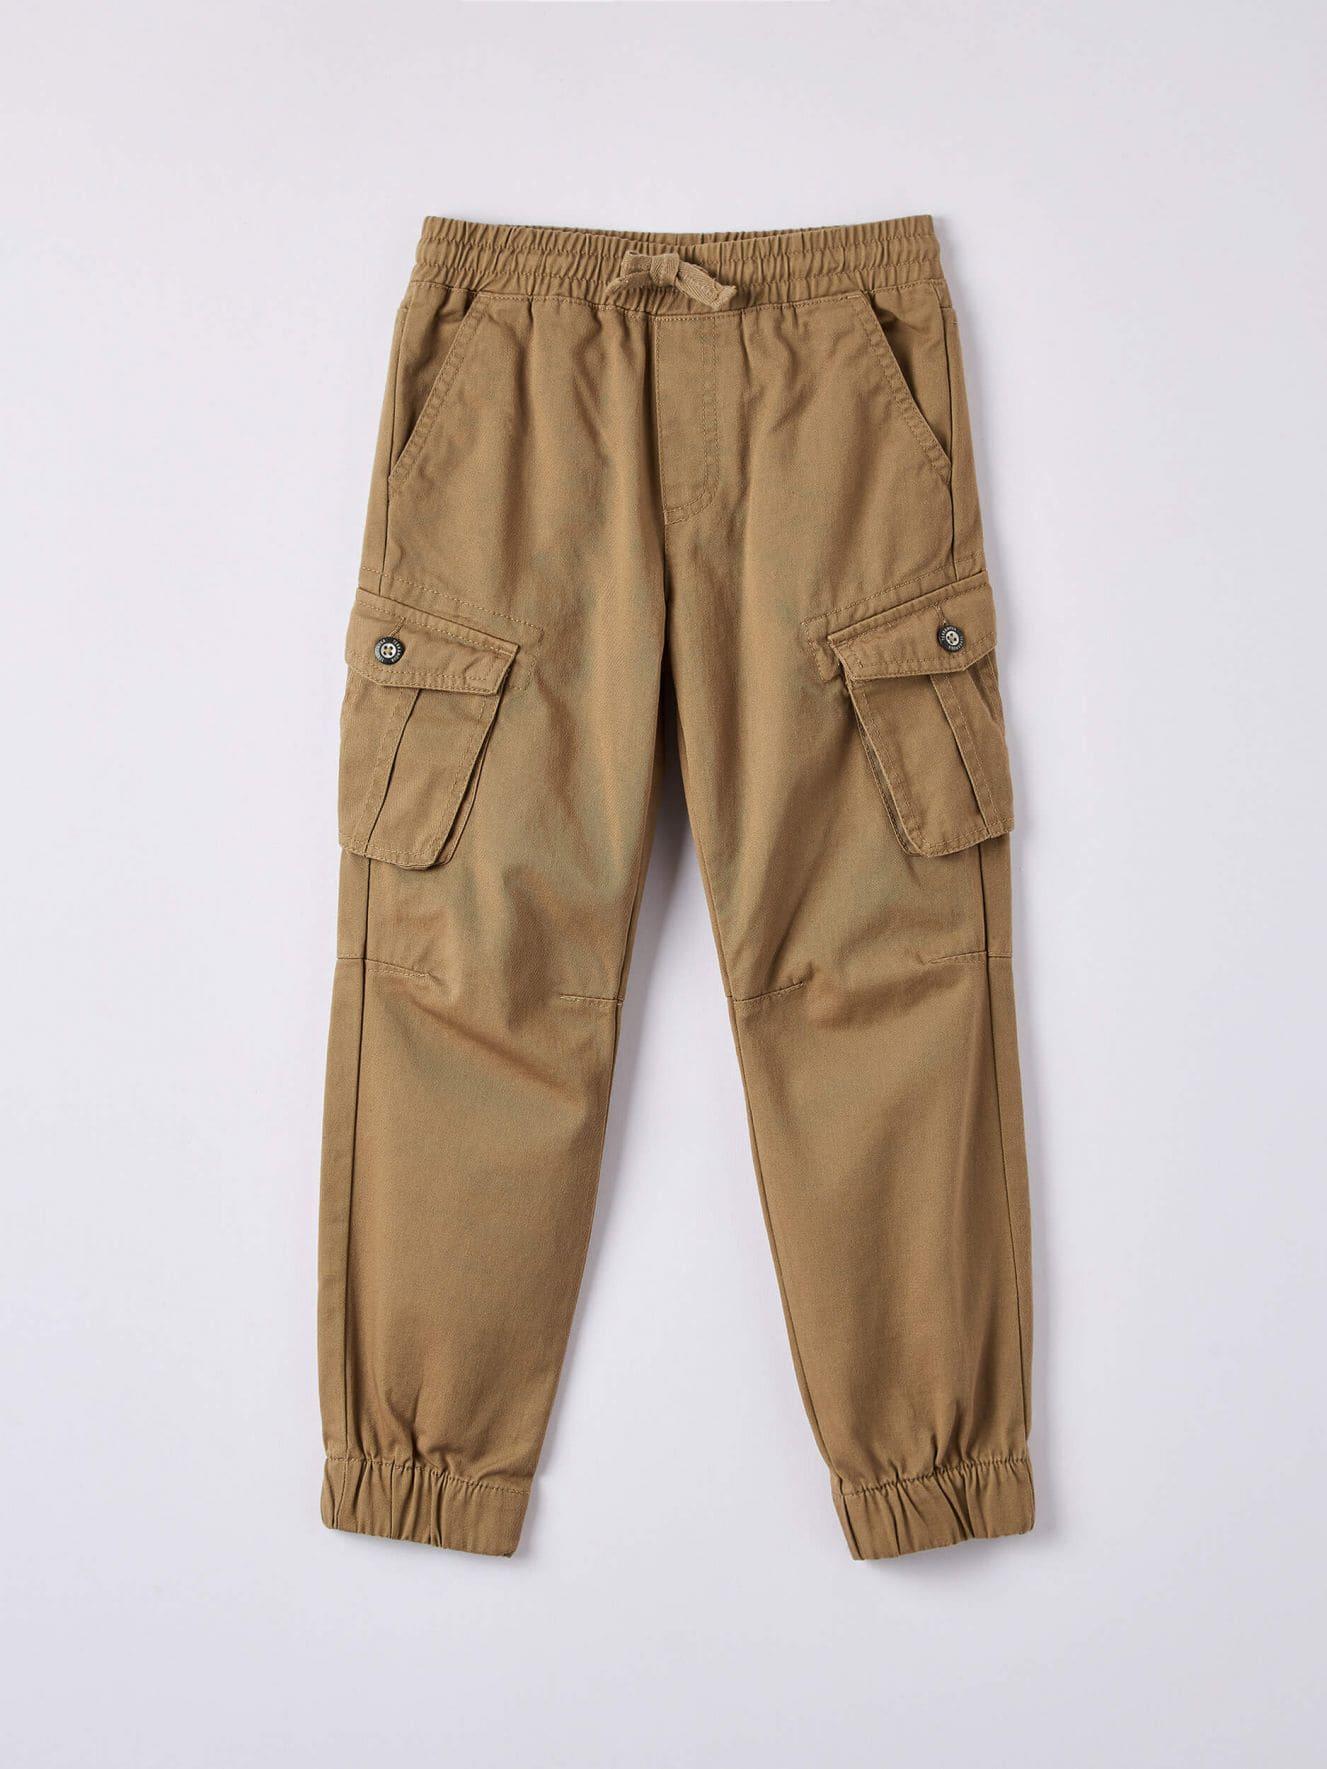 Pantalone Lungo Bambino Kids